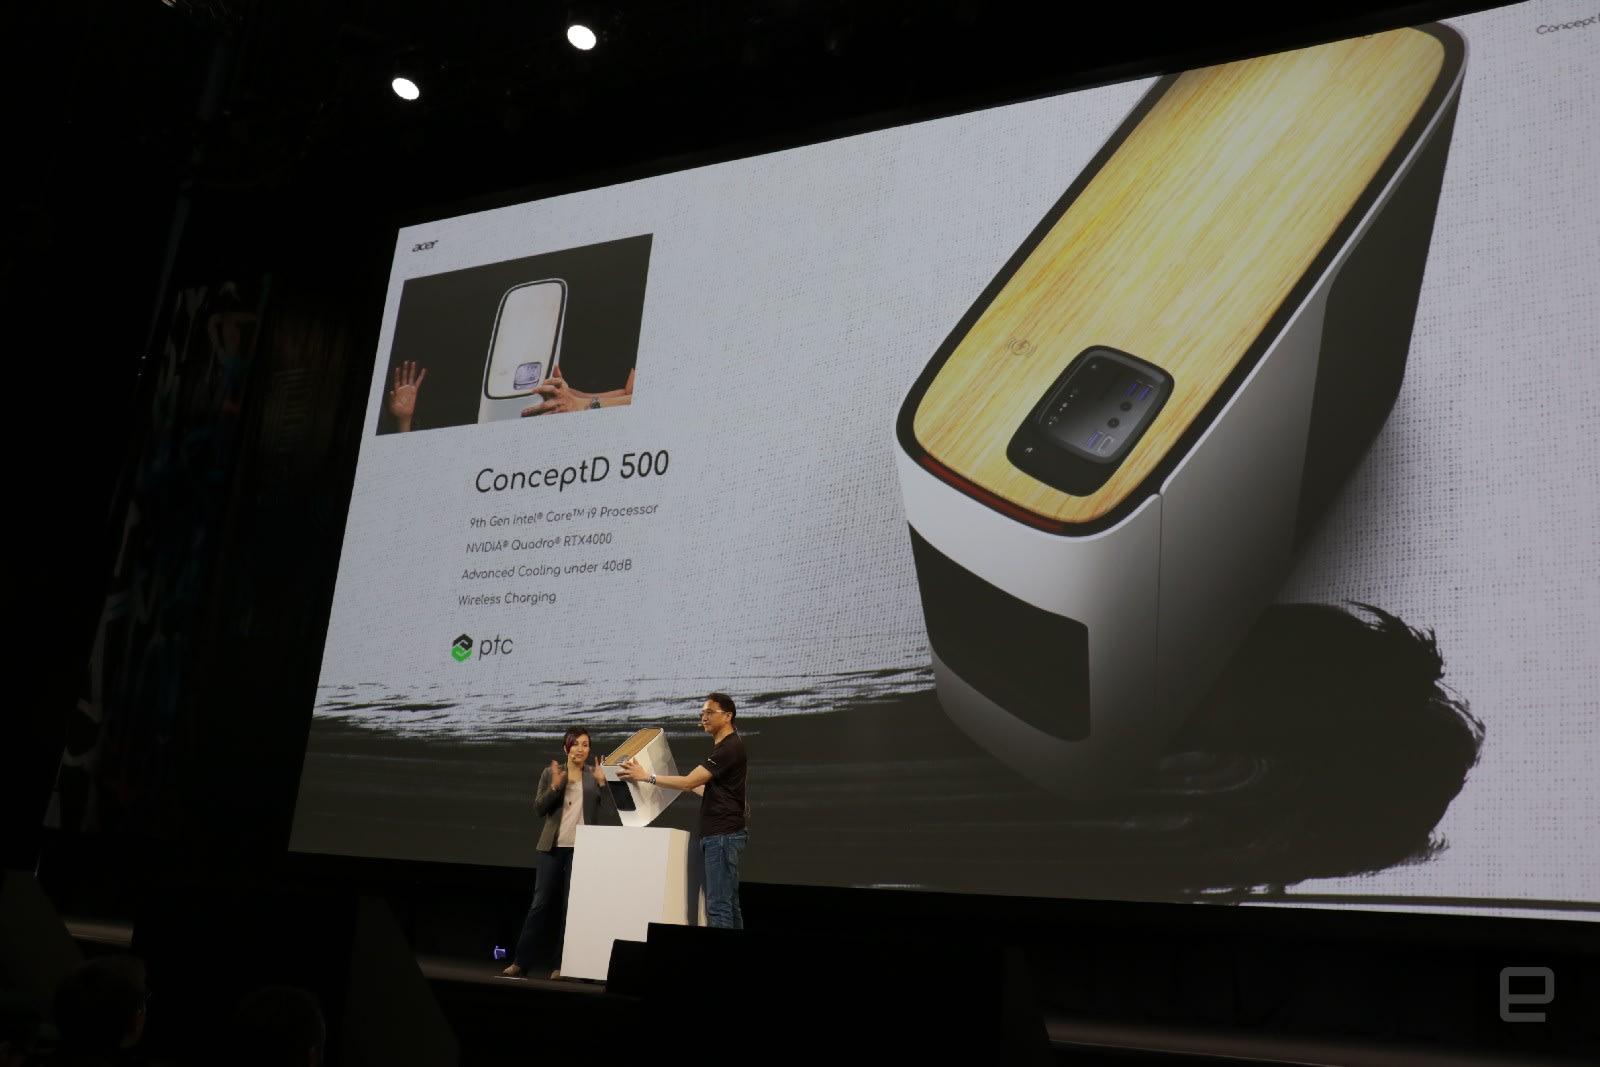 Acer ConceptD 500 desktop